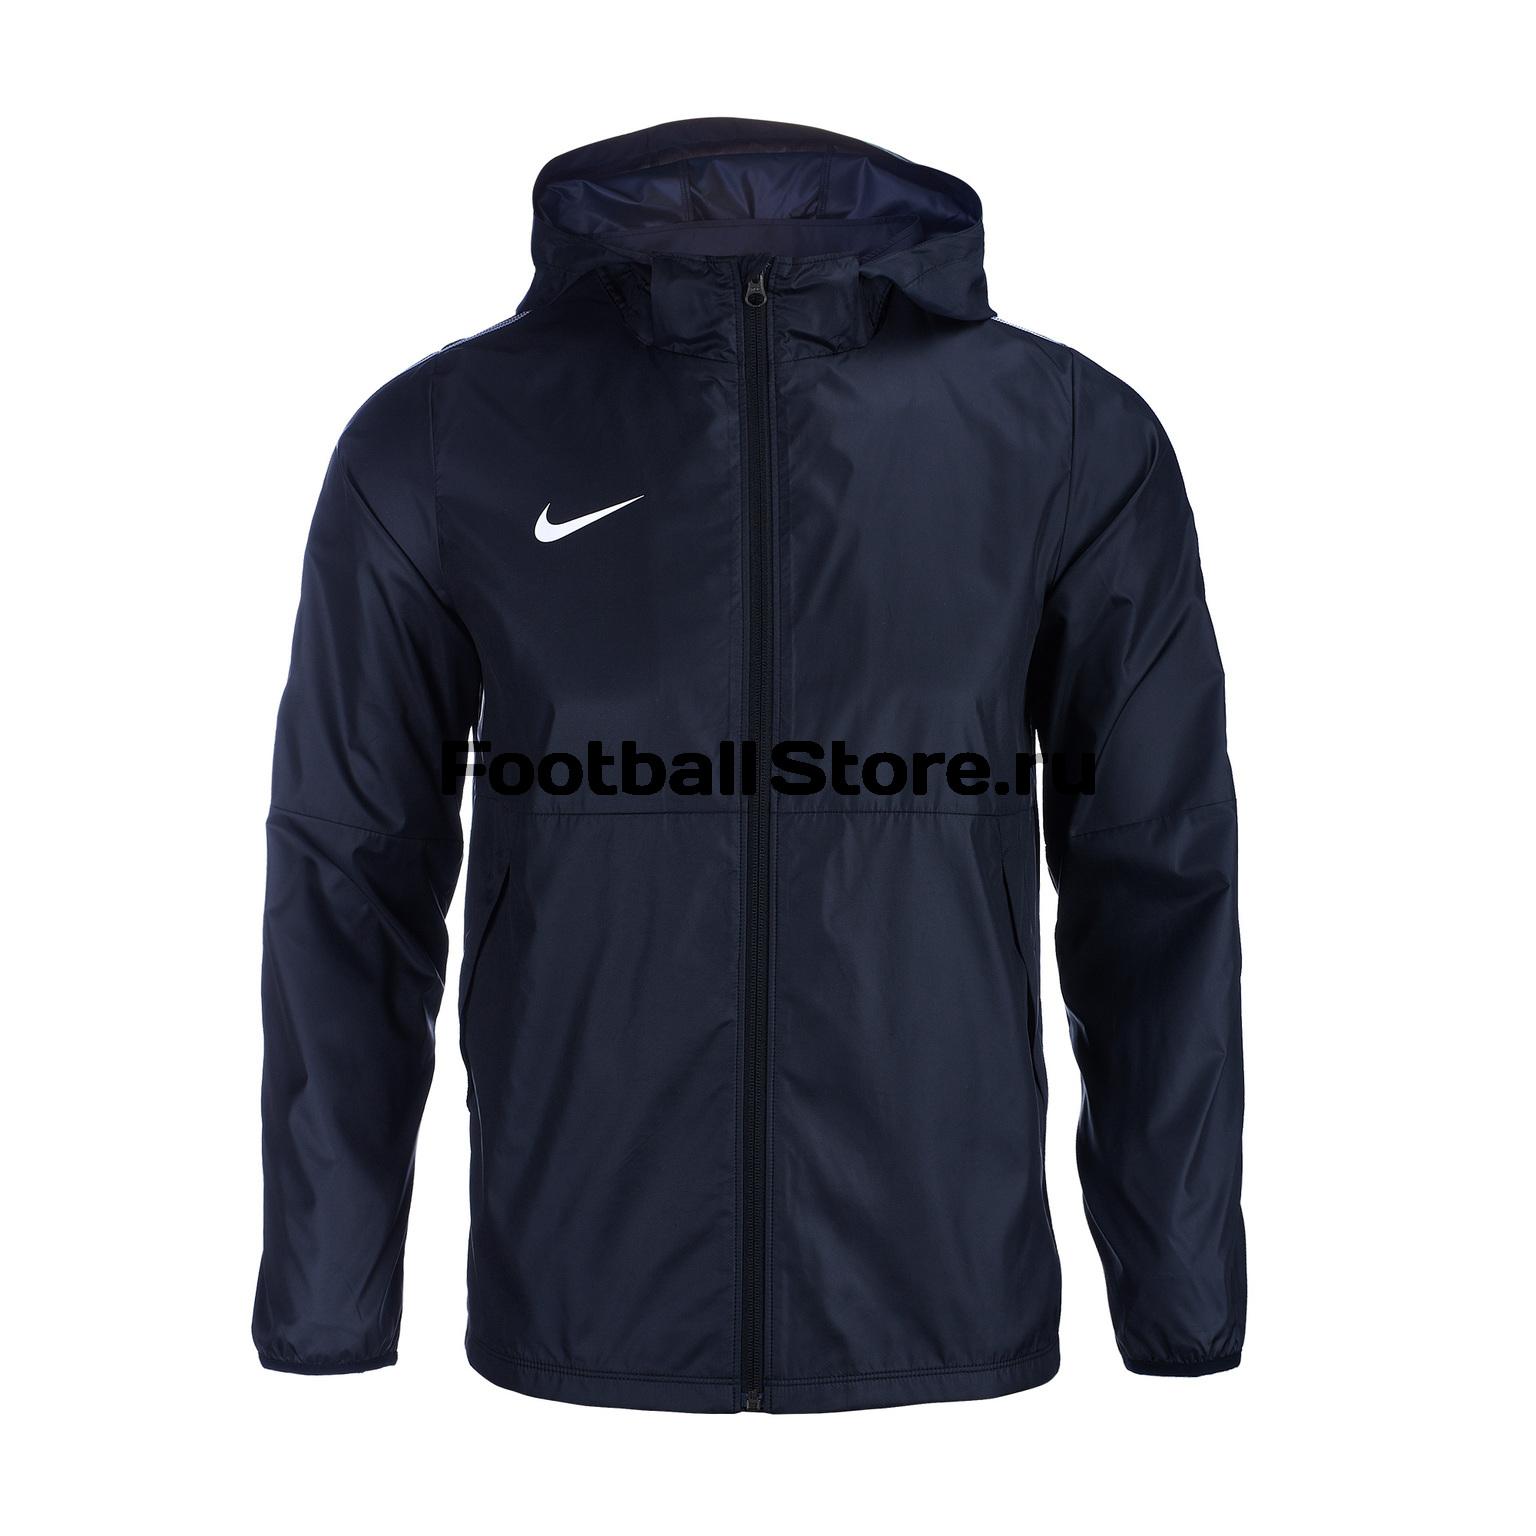 Ветровка подростковая Nike RPL Park18 Rain AA2091-010 цена